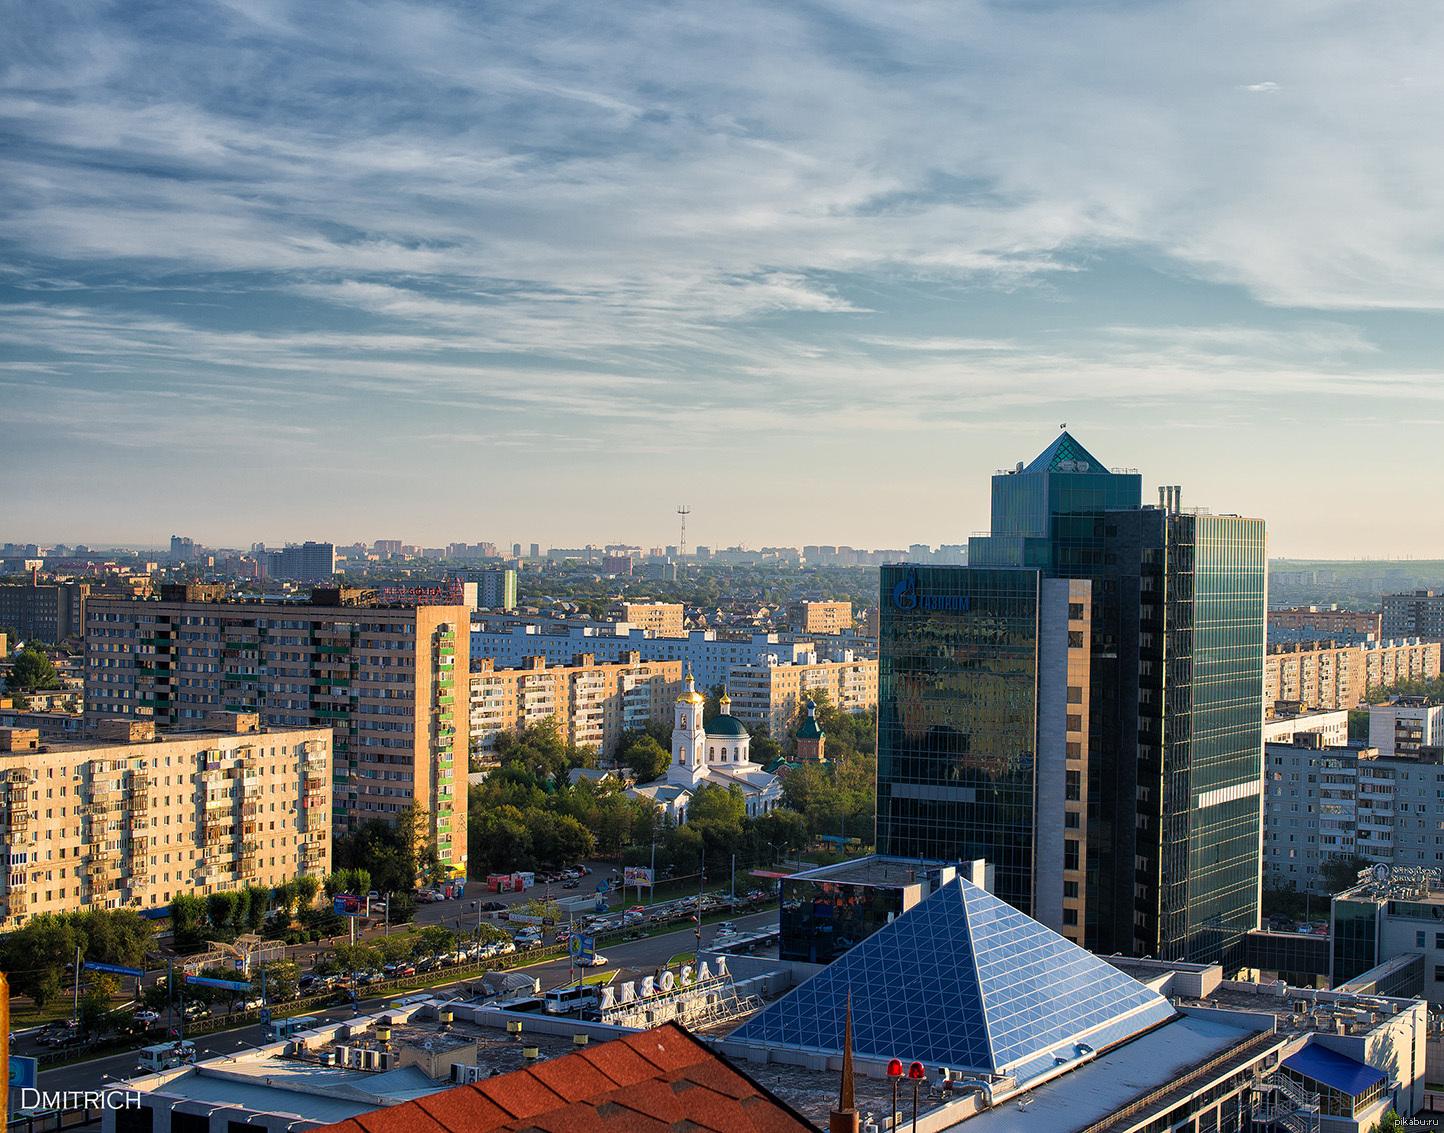 Картинки оренбурга в хорошем качестве